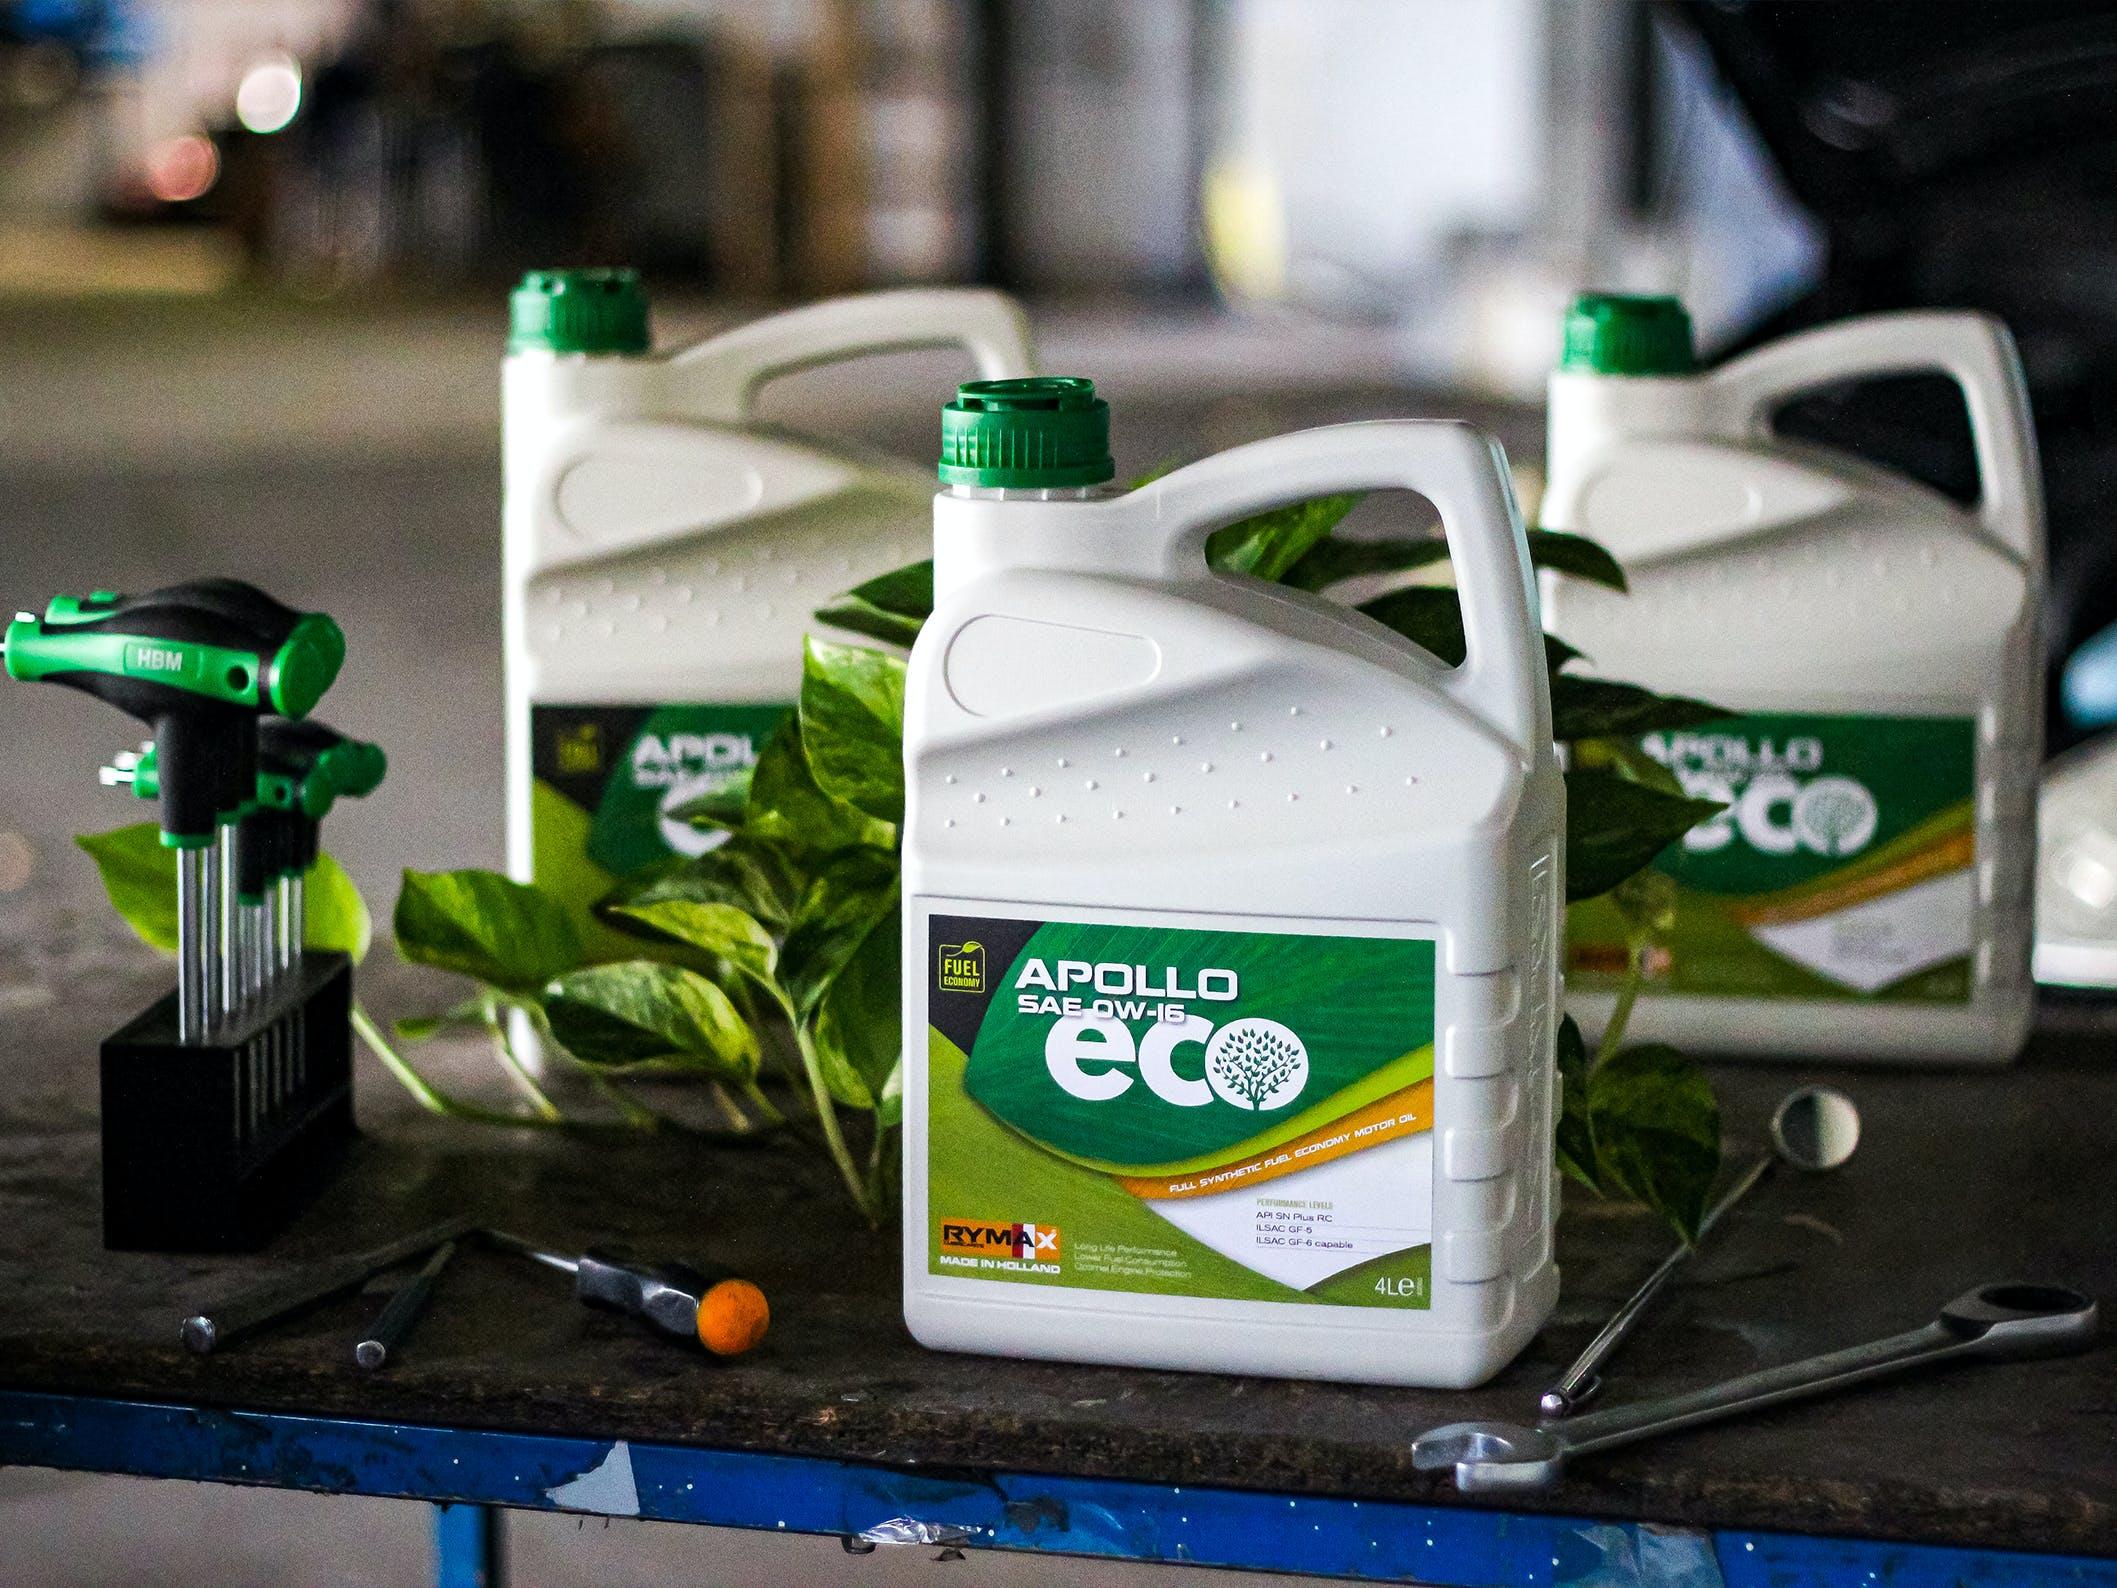 Rymax Lubricants présente la gamme Apollo ECO. dans - - - Actualité lubrifiants automobiles